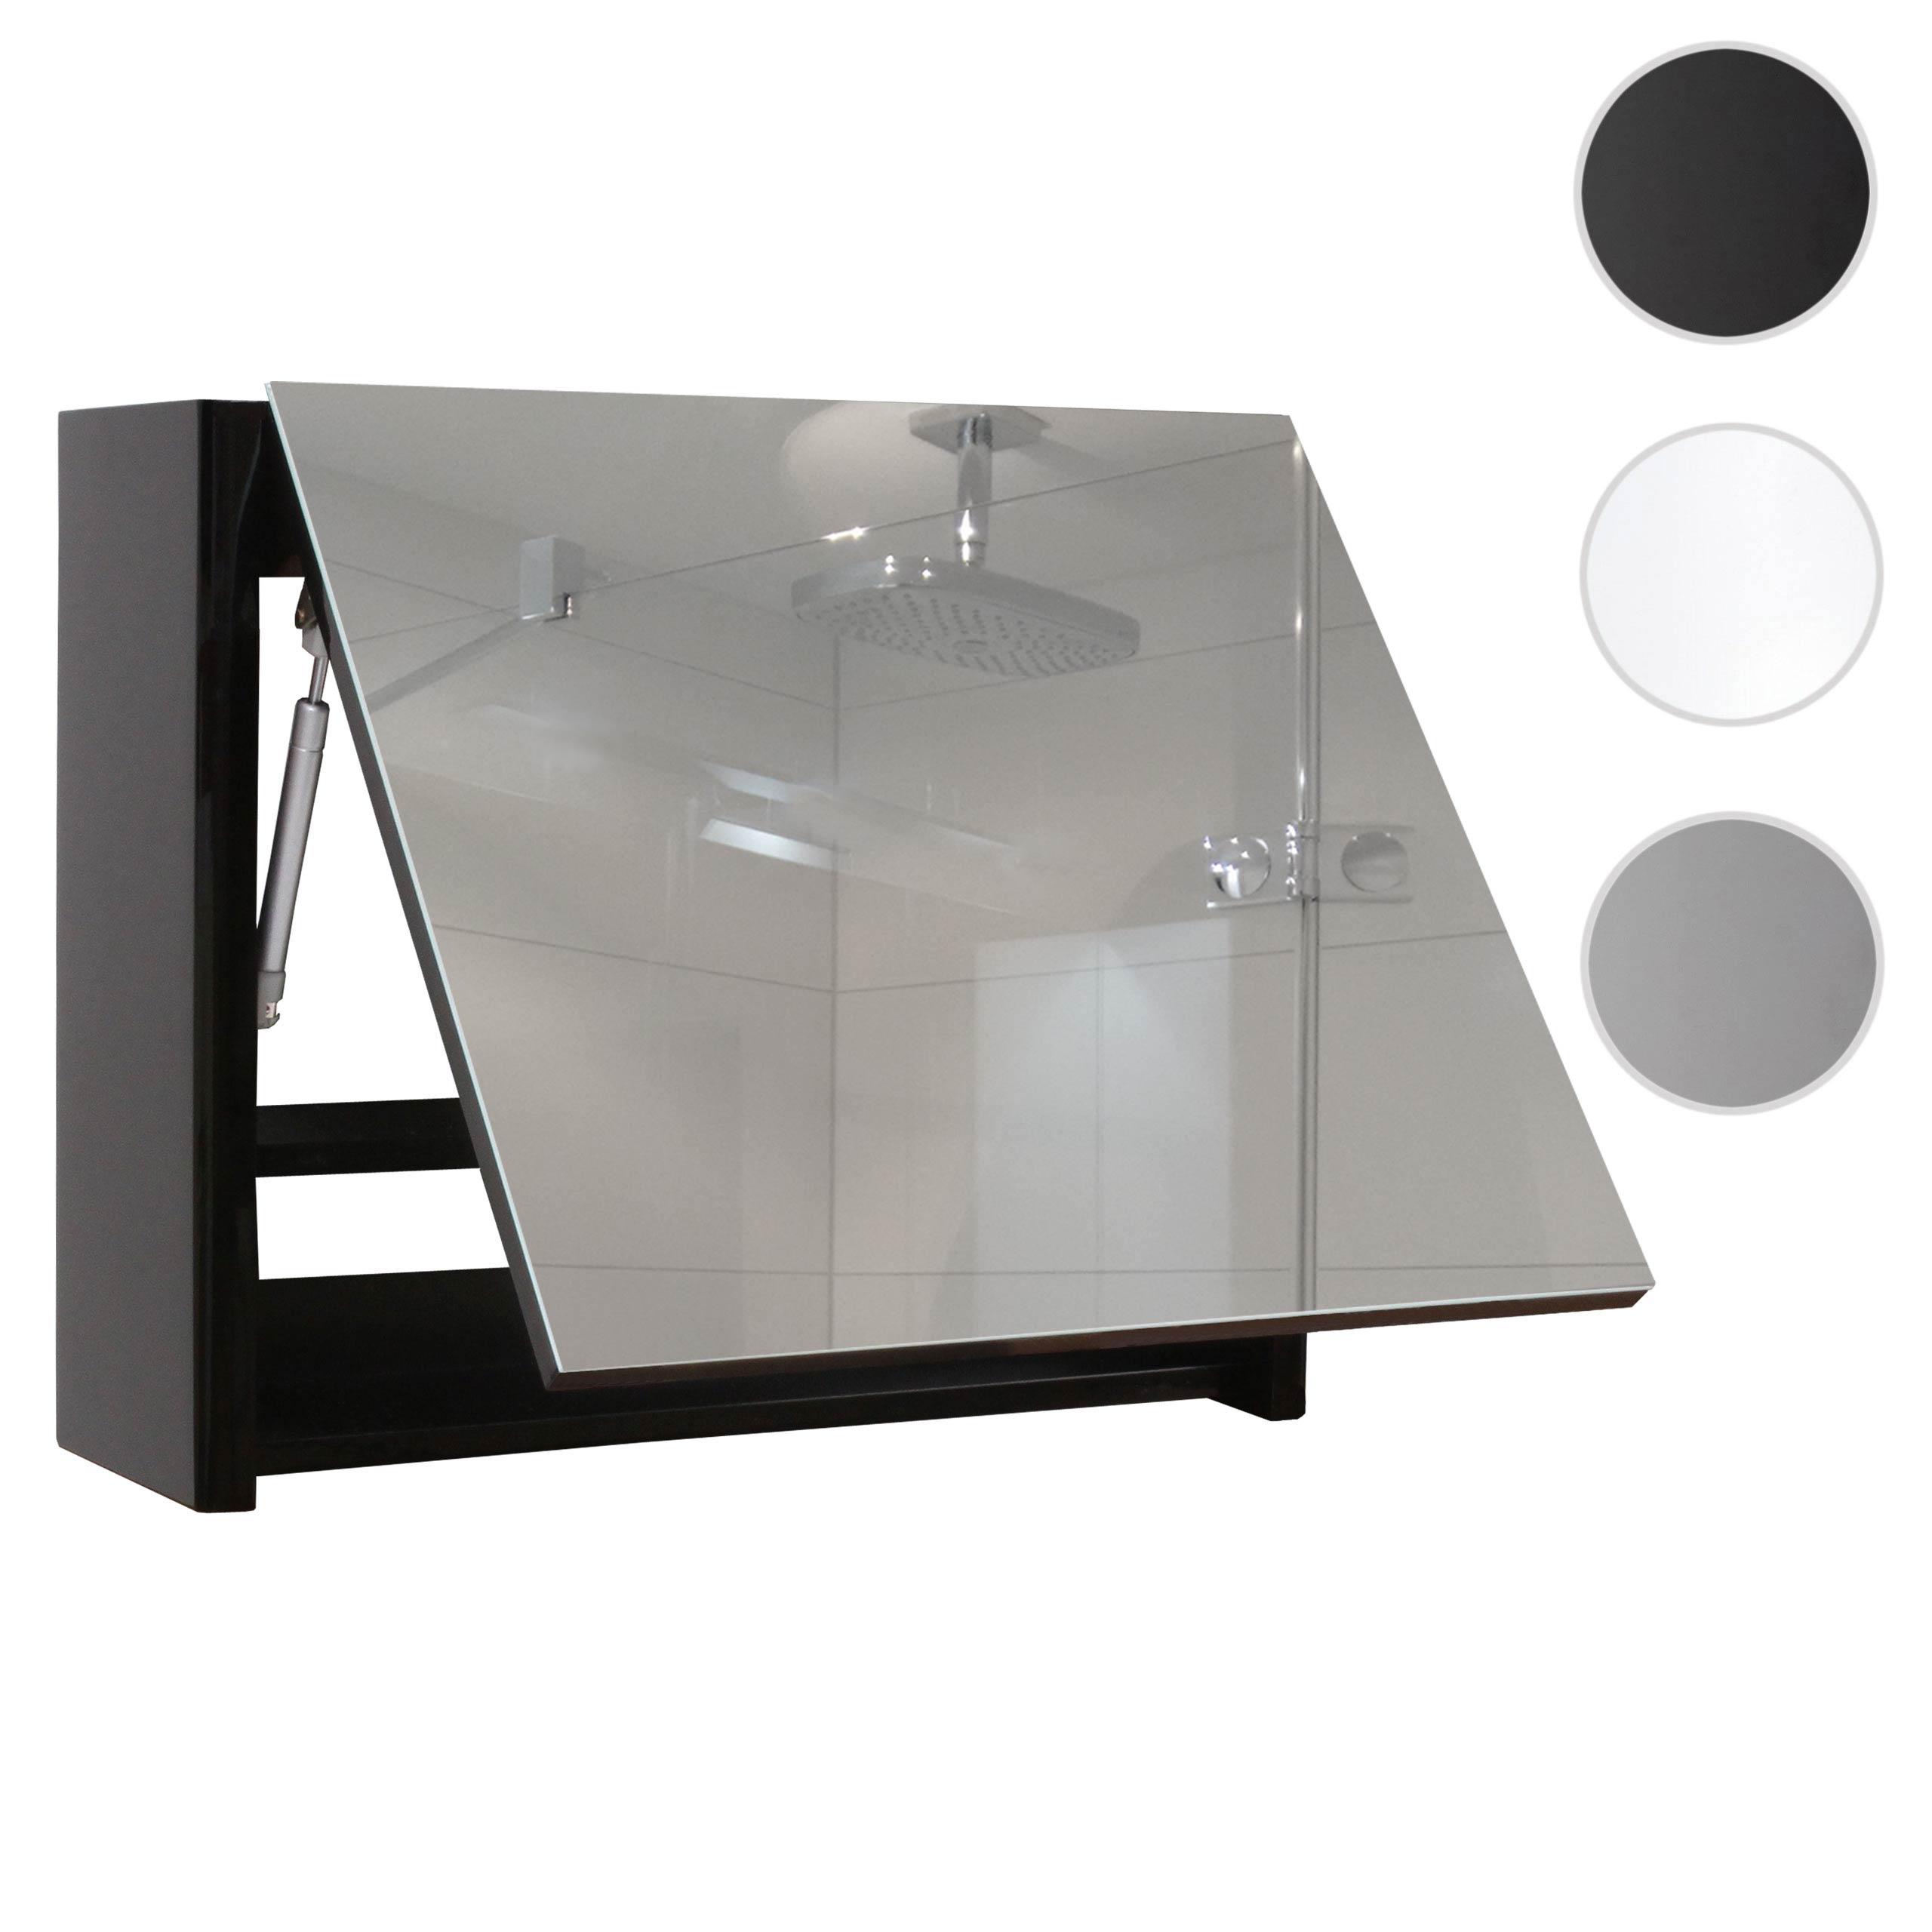 Mendler Spiegelschrank HWC-B19, Wandspiegel Badspiegel Badezimmer, aufklappbar hochglanz 48x59cm ~ Varianten 57621